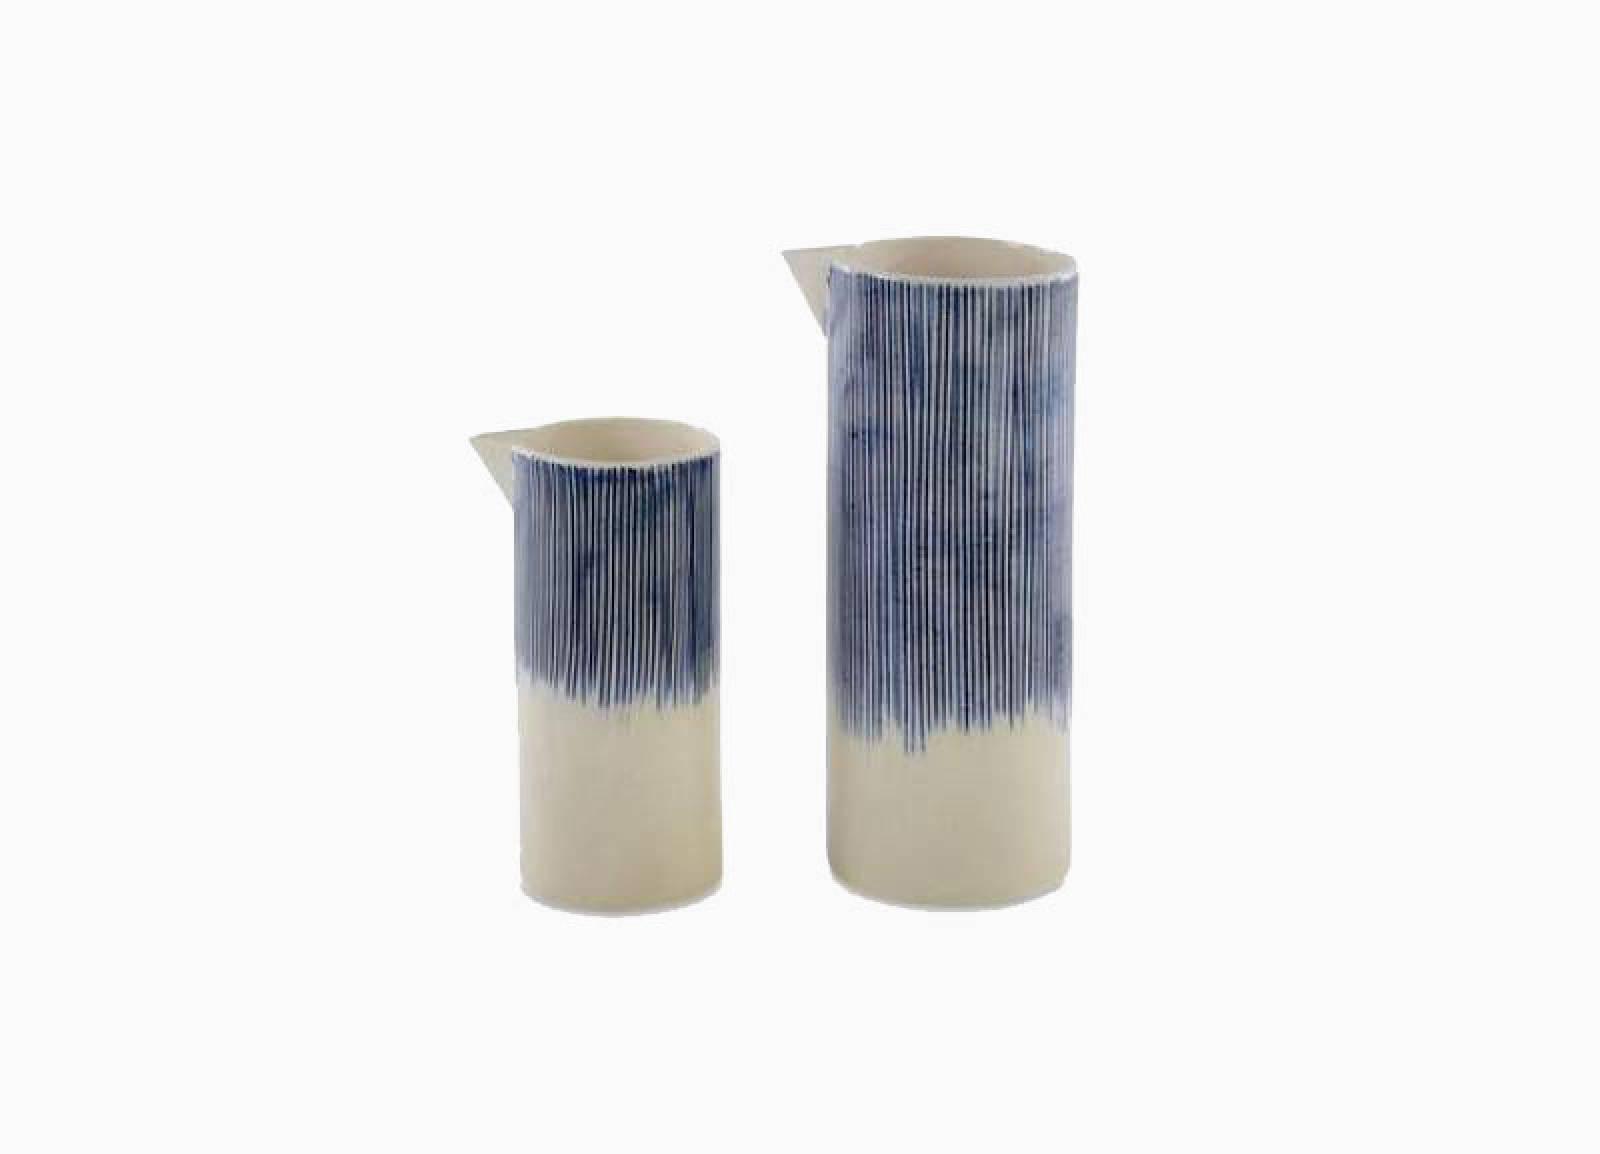 Karuma Ceramic Jug Blue & White 8.5cm x 21.5cm